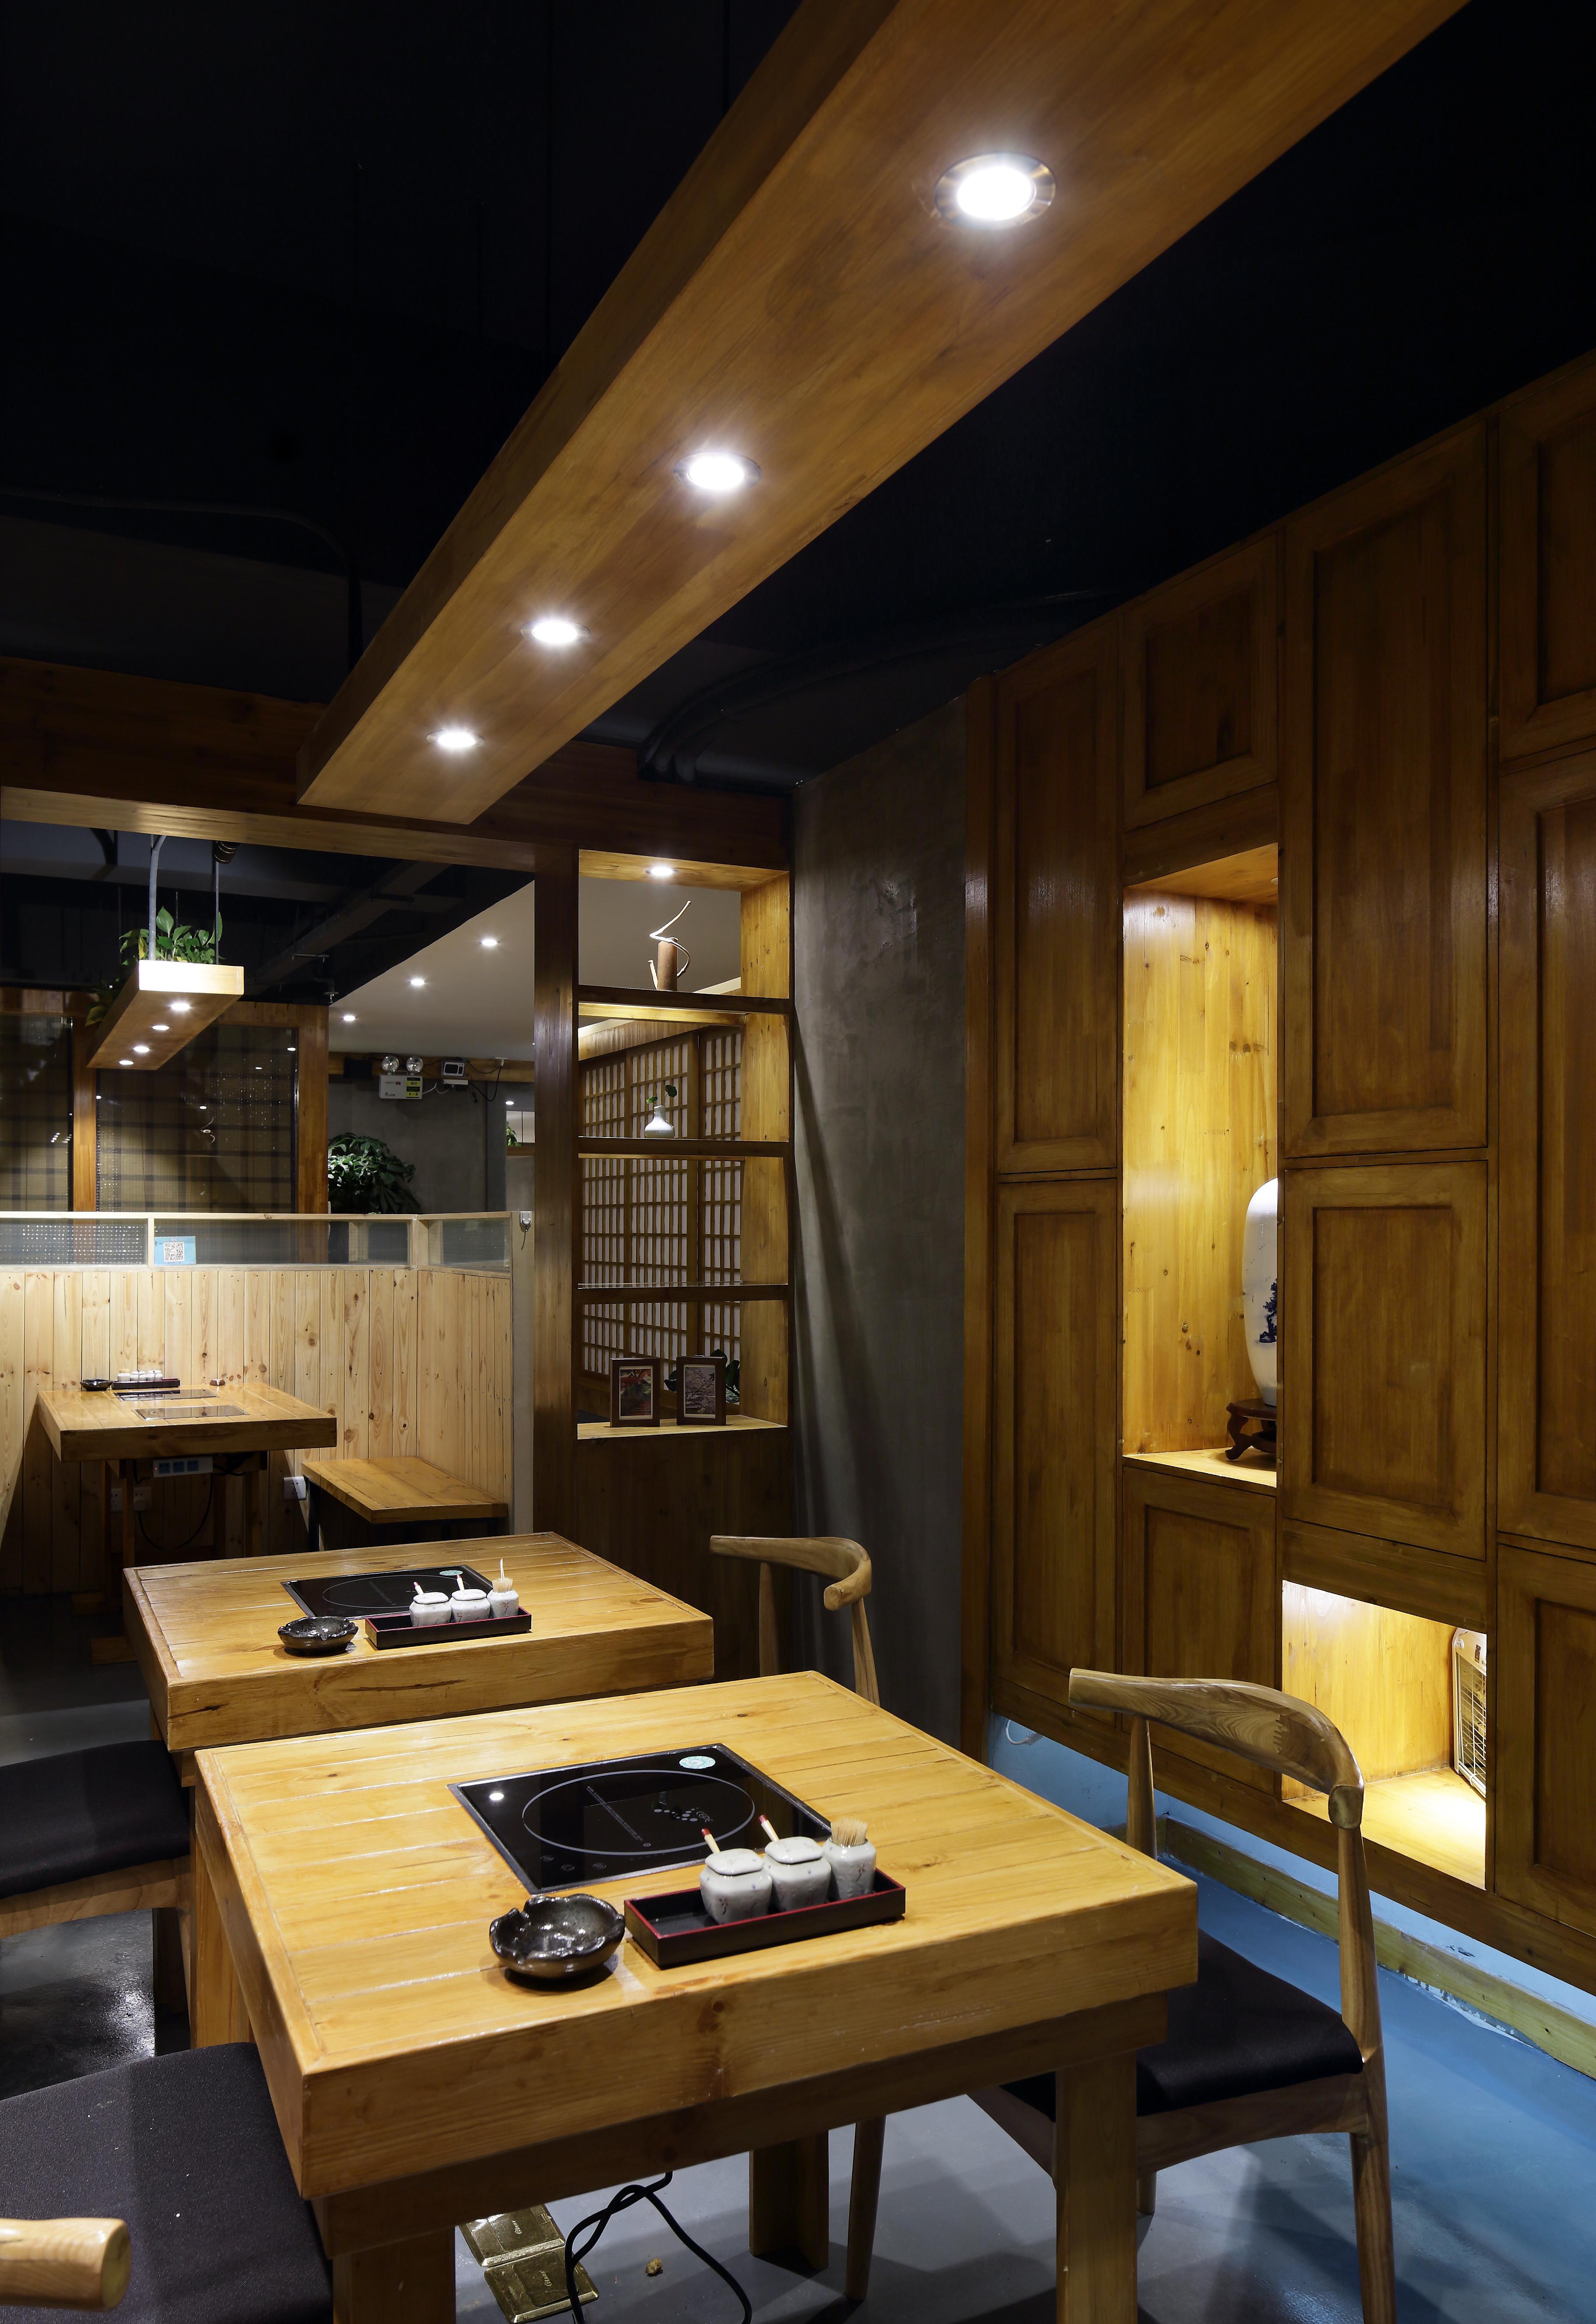 日式餐厅装修餐桌图片